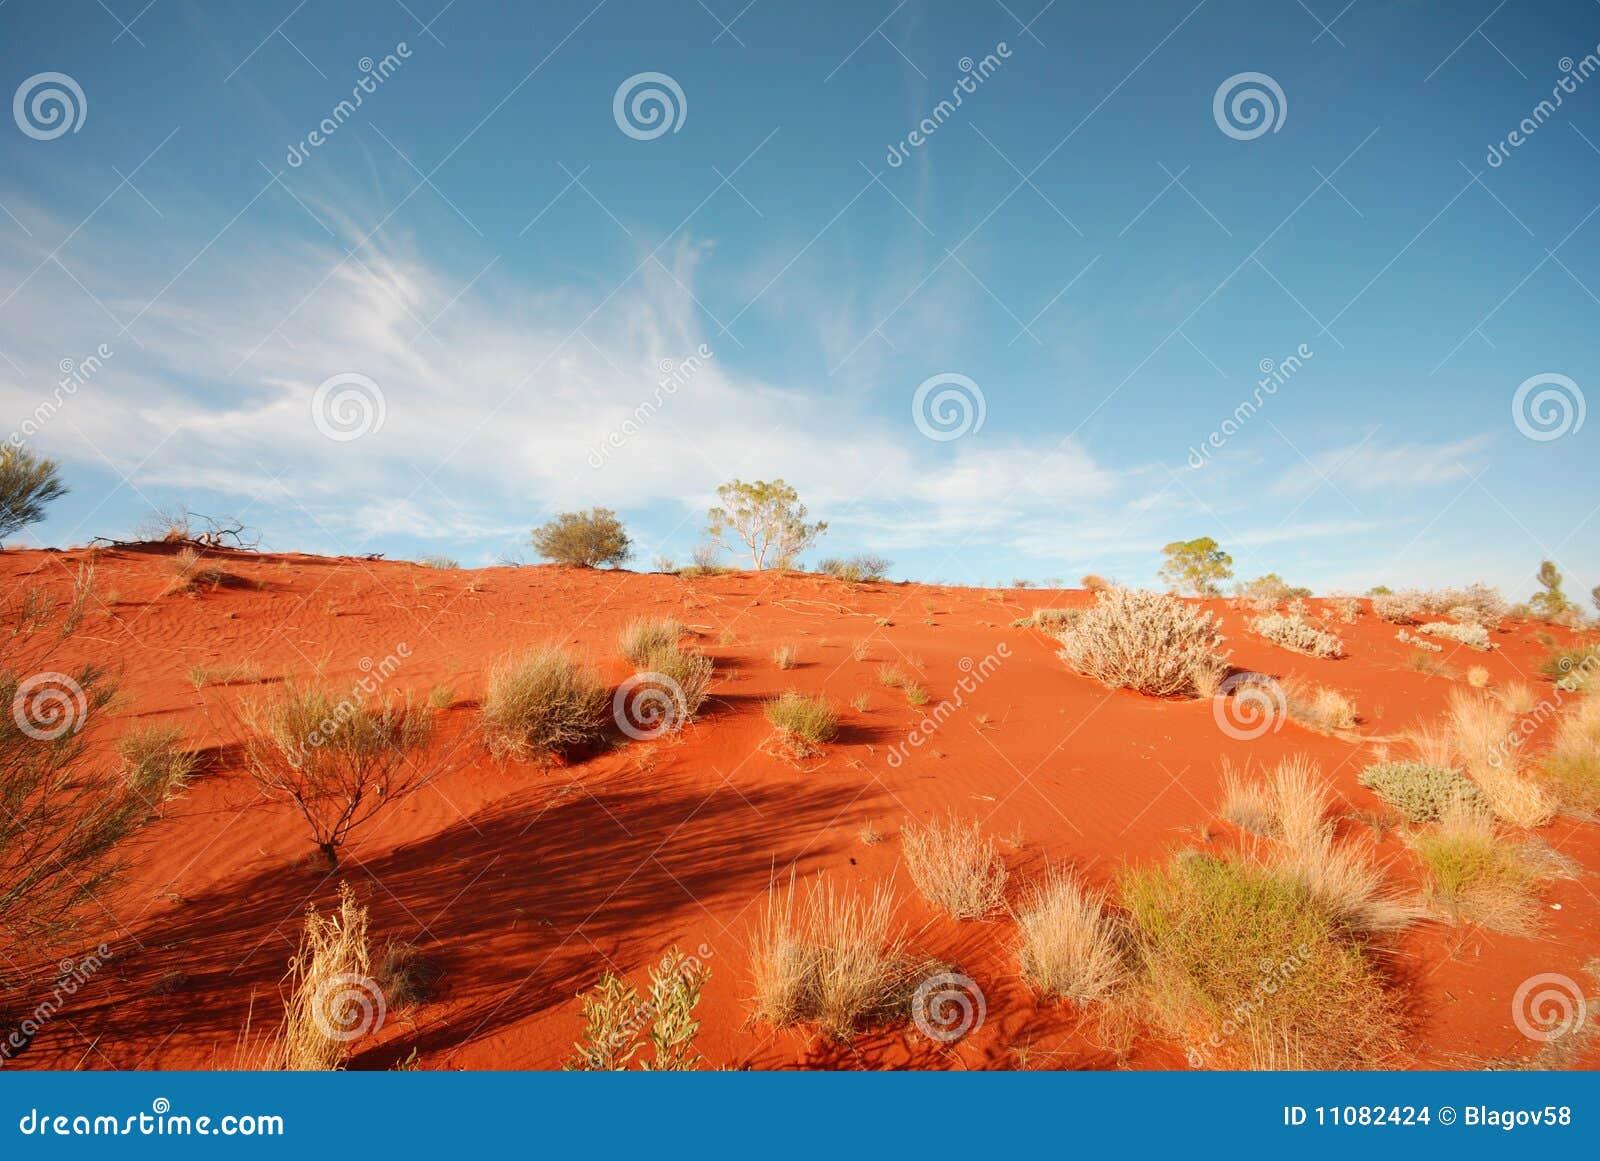 Australische Woestijn